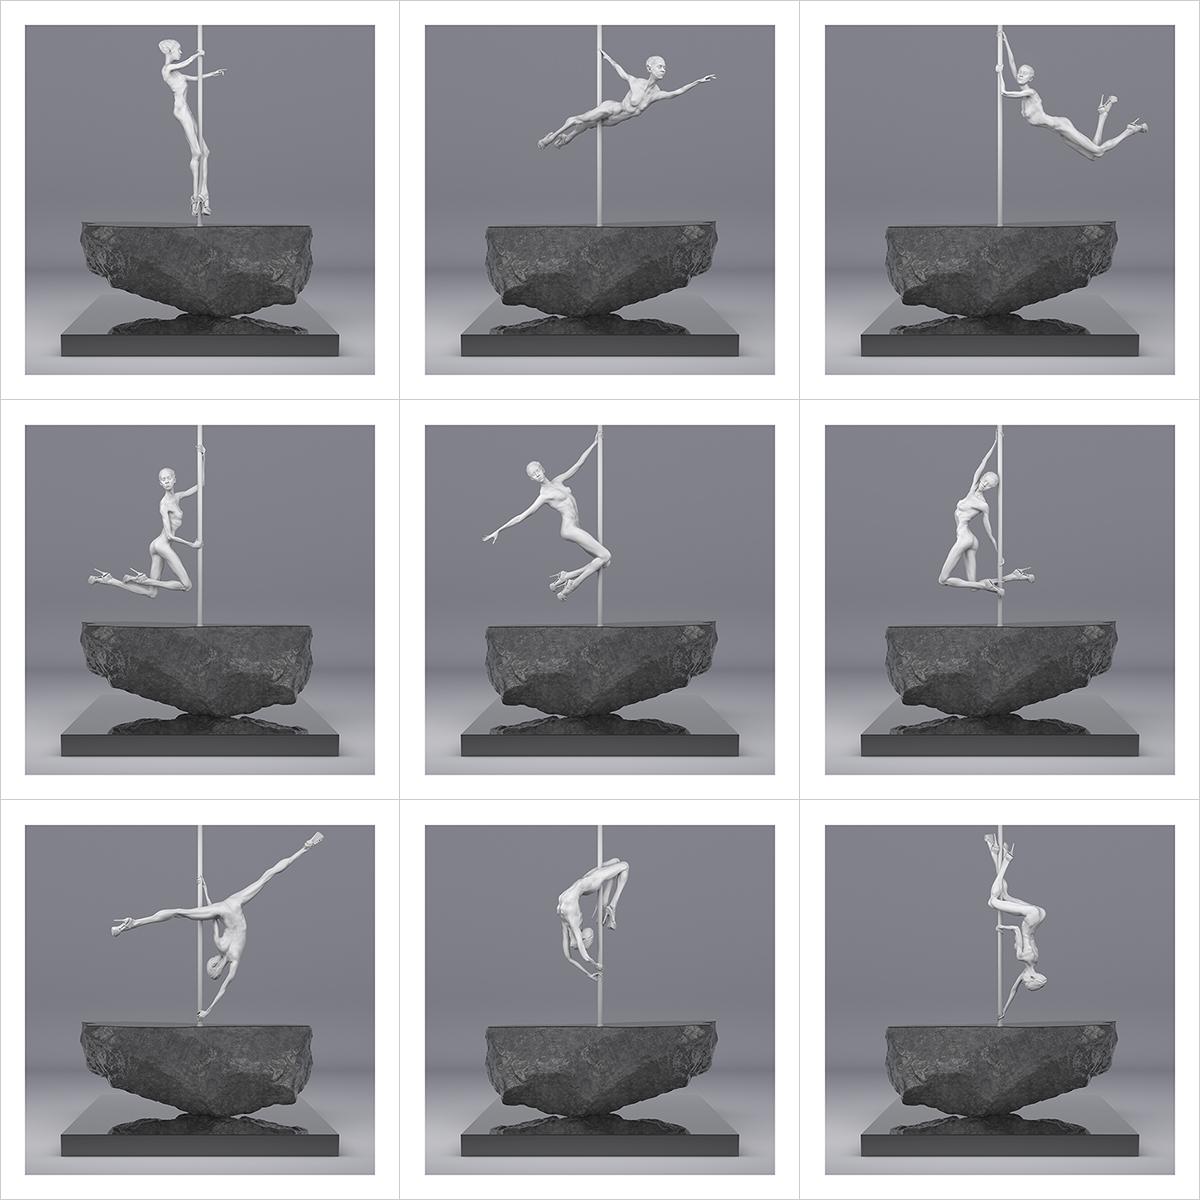 225 TWHS Pole Dance Dancer I 000 - 2021 - This was HomoSapiens. Pole Dance Dancer. I